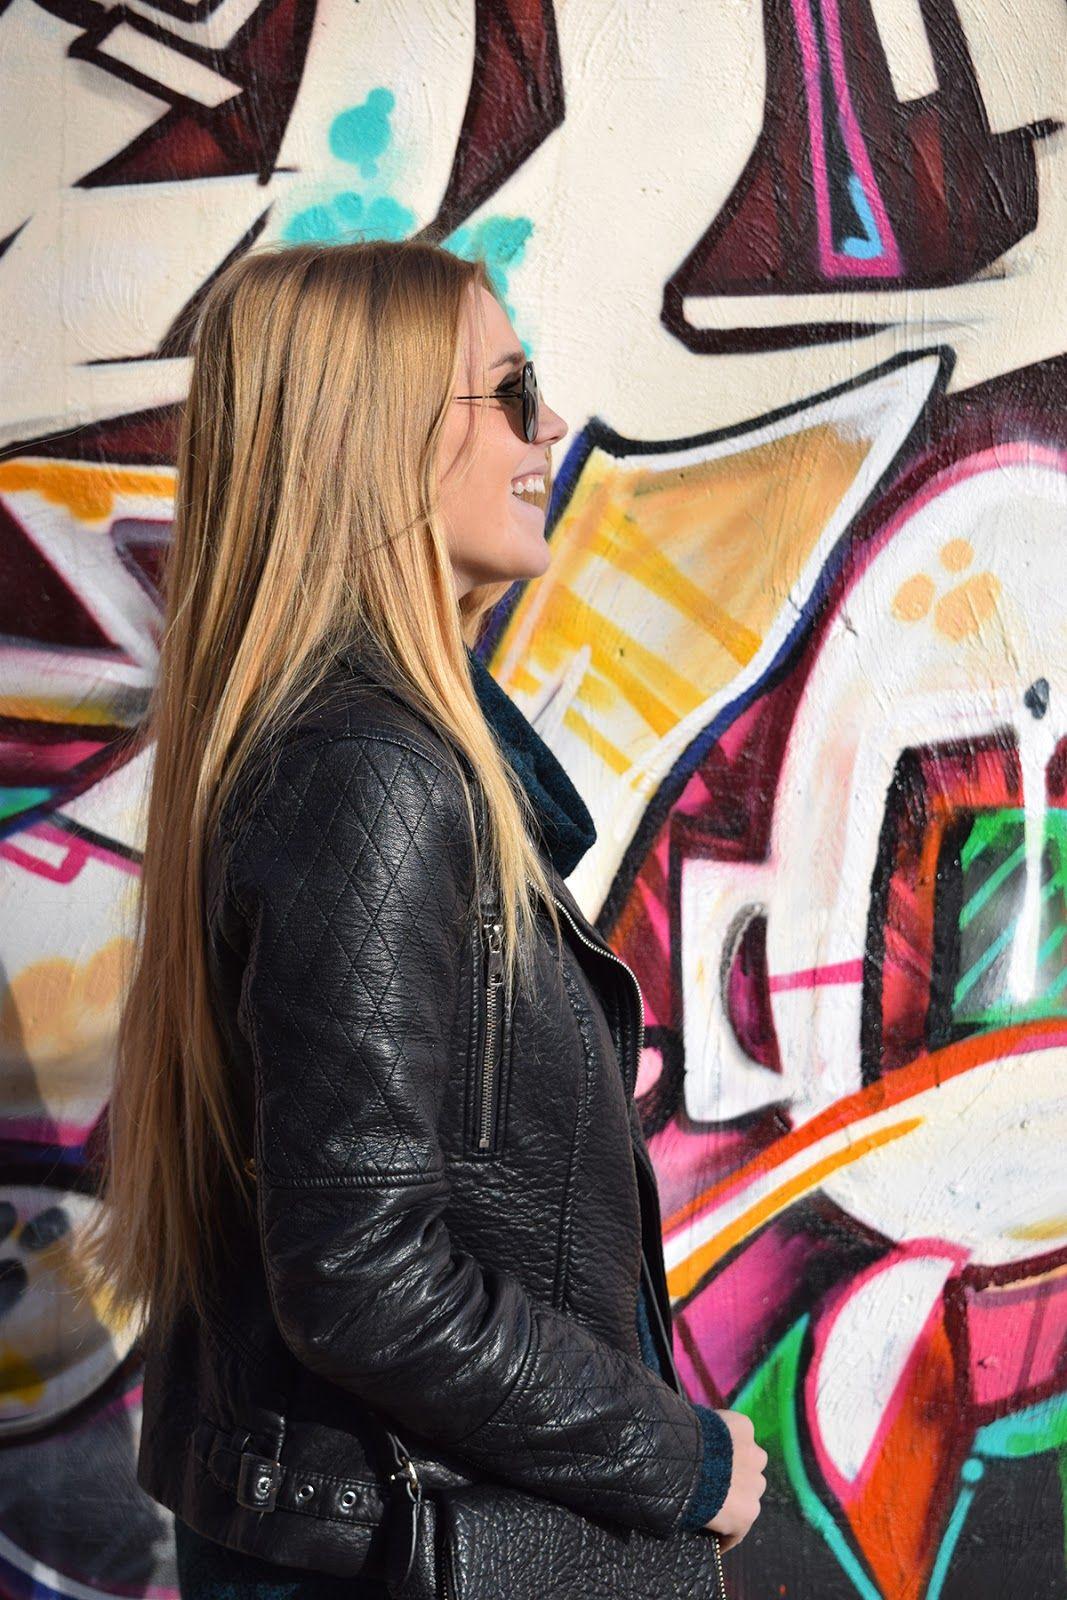 Leather jacket instagram - Leather Jacket Instagram Forevermere_